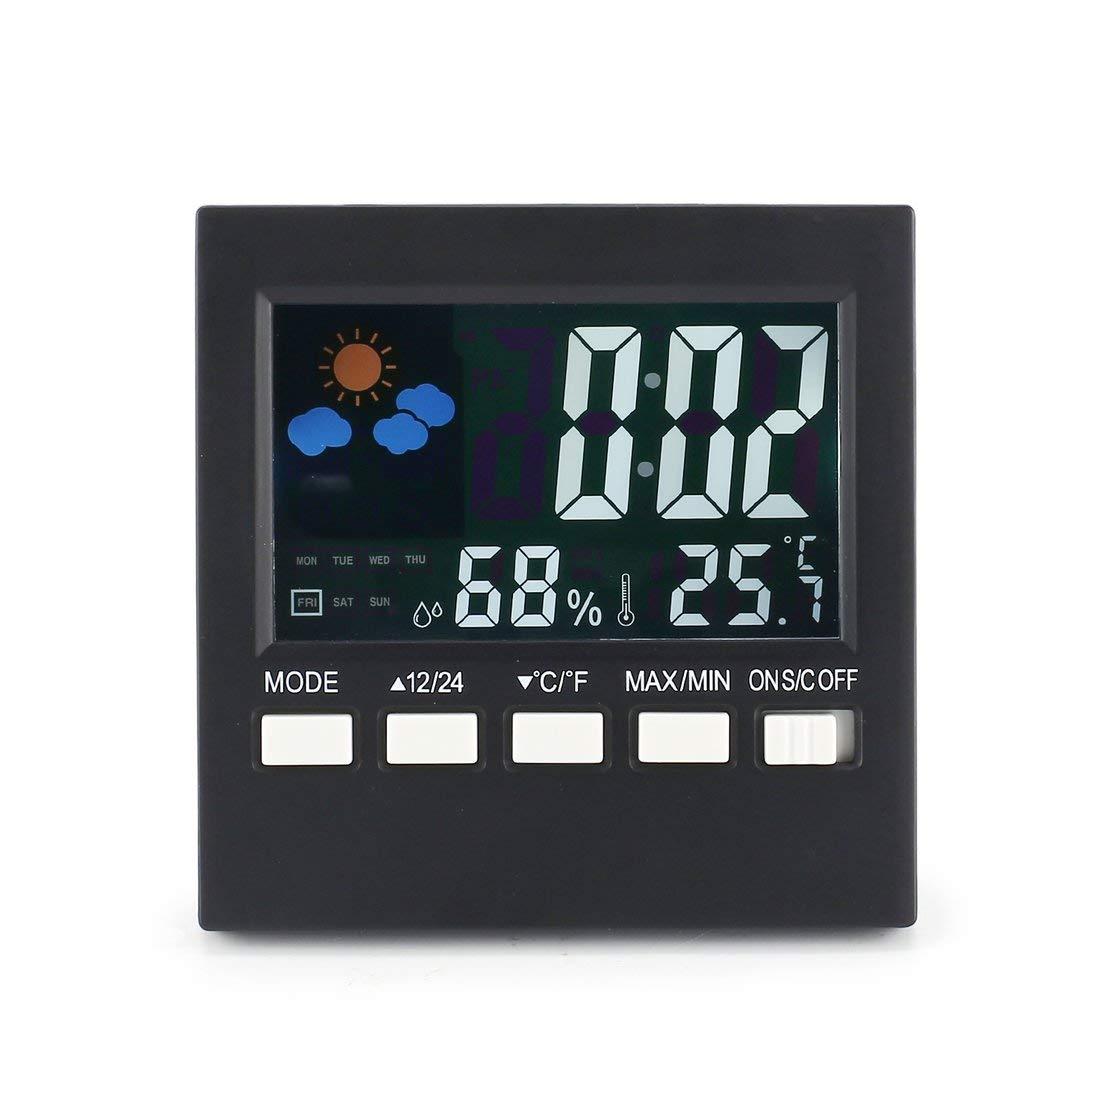 Multifunktionale Farbe Bildschirm Kalender Wetterstation Uhr Luftfeuchtigkeit Thermometer Vorhersage Temperatur Tester fü r Baby Zimmer Hermosairis